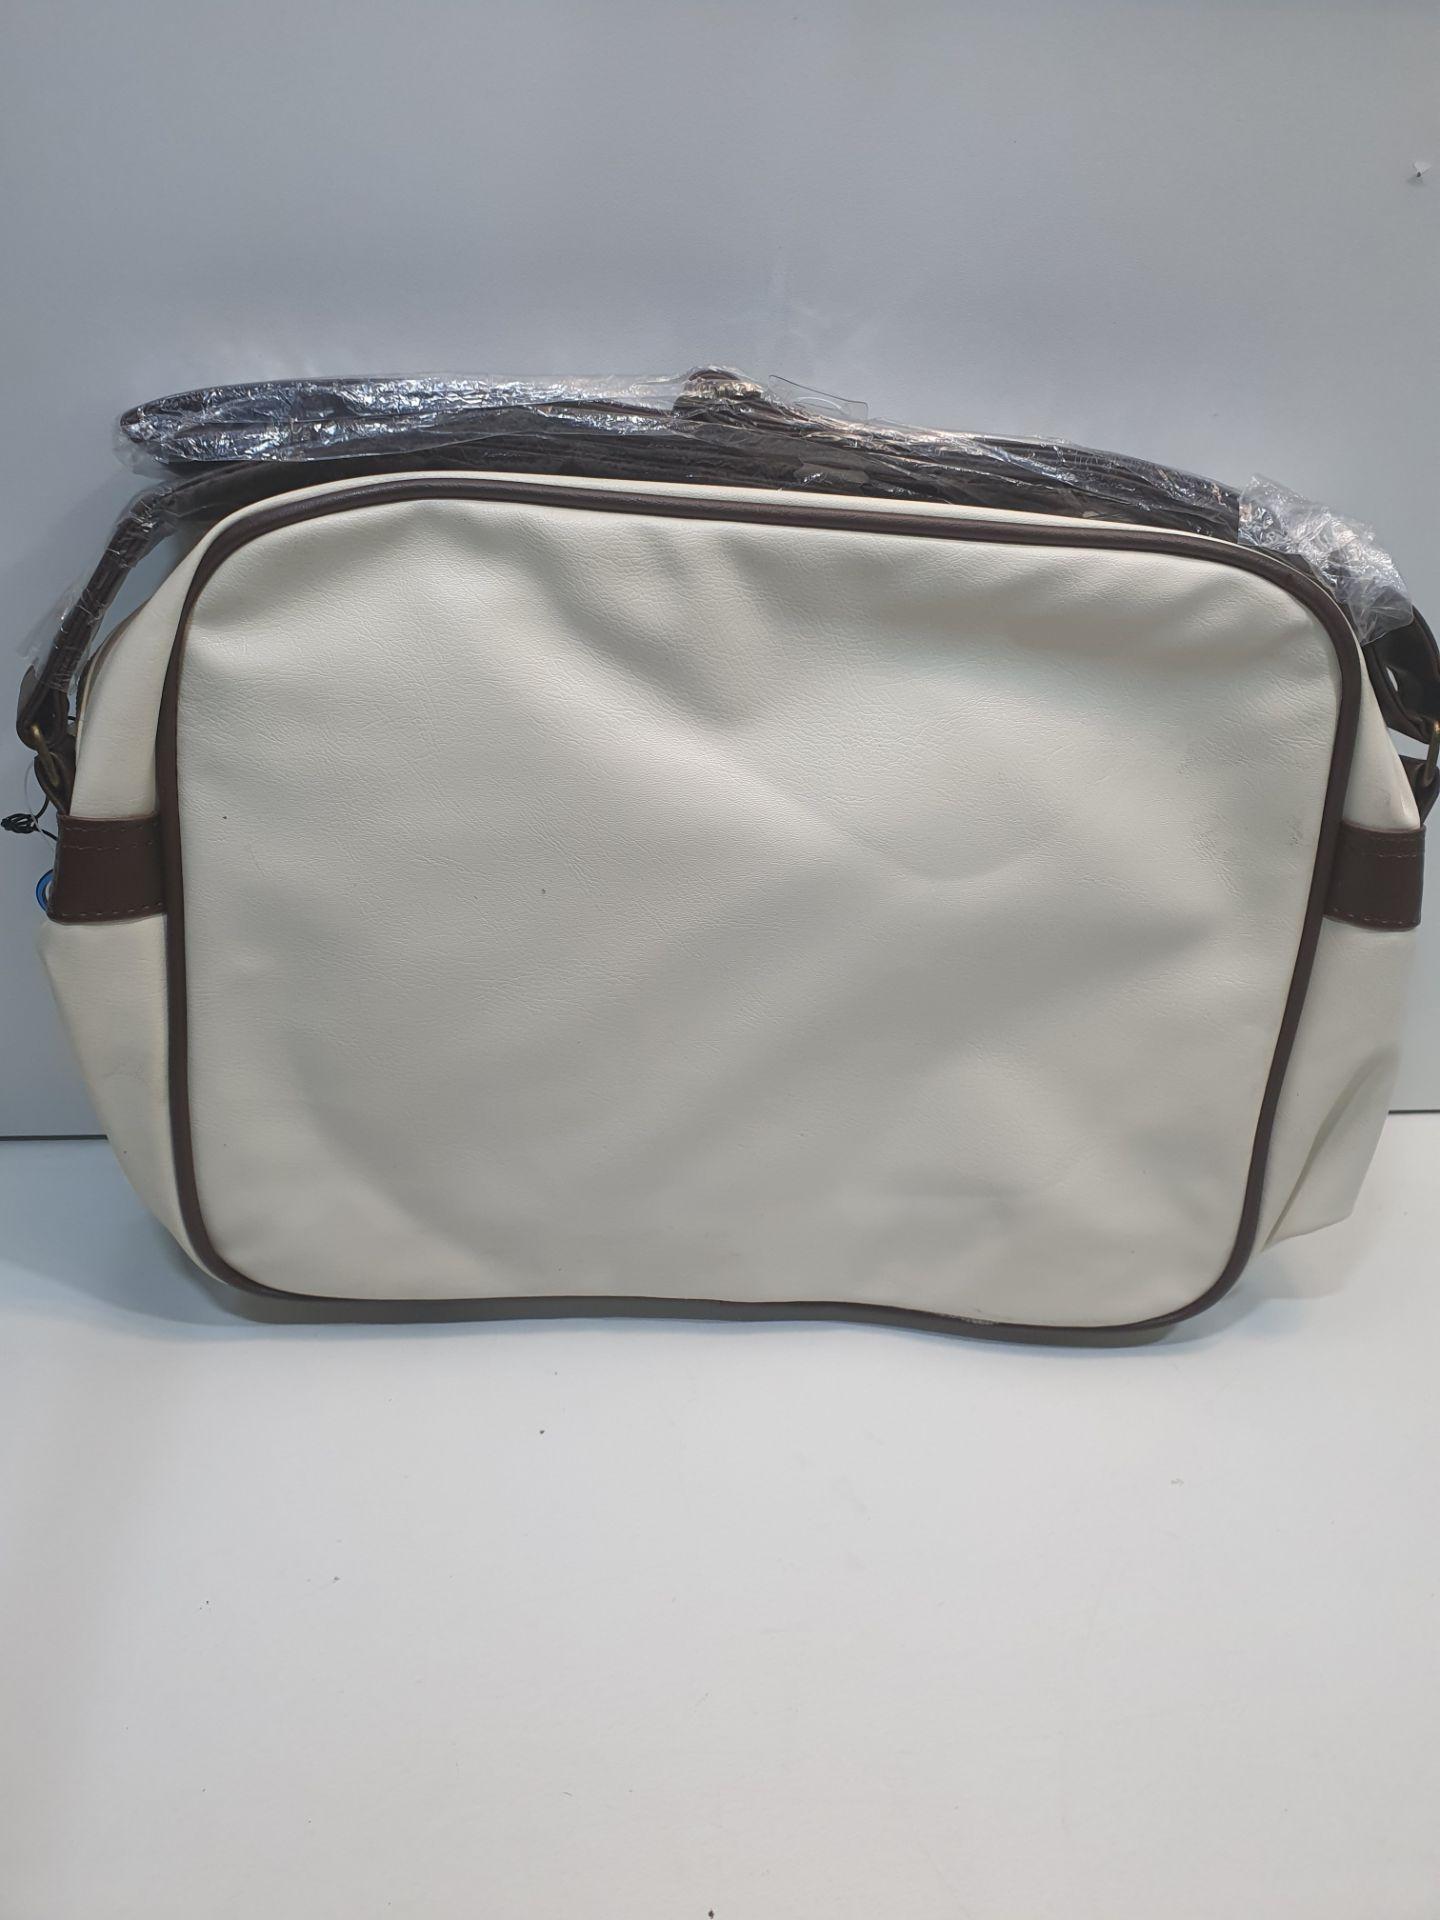 David & Goliath Shoulder Bag - Image 2 of 3